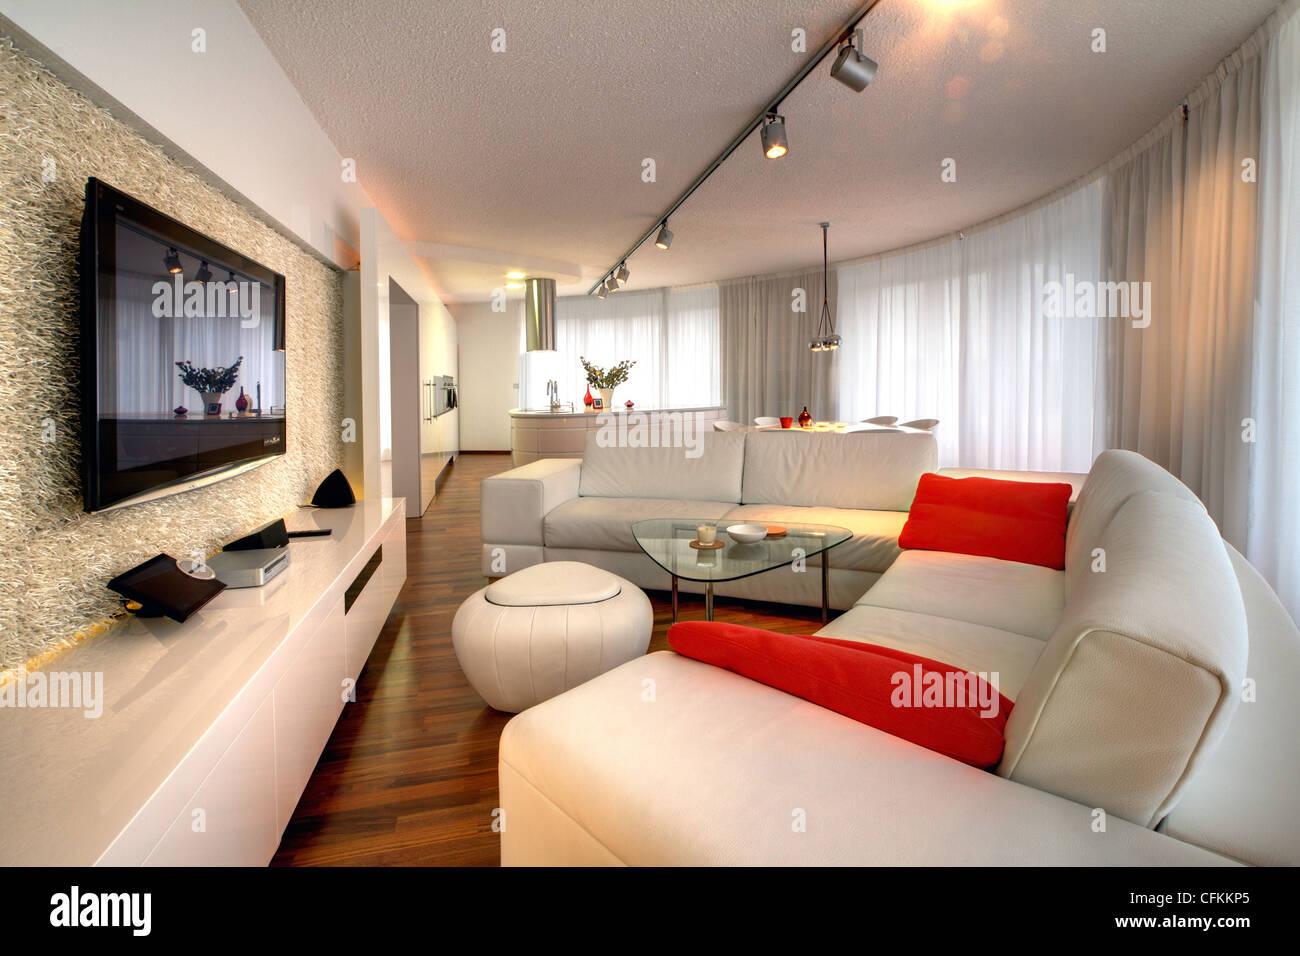 Livingroom fkk American Nudist: